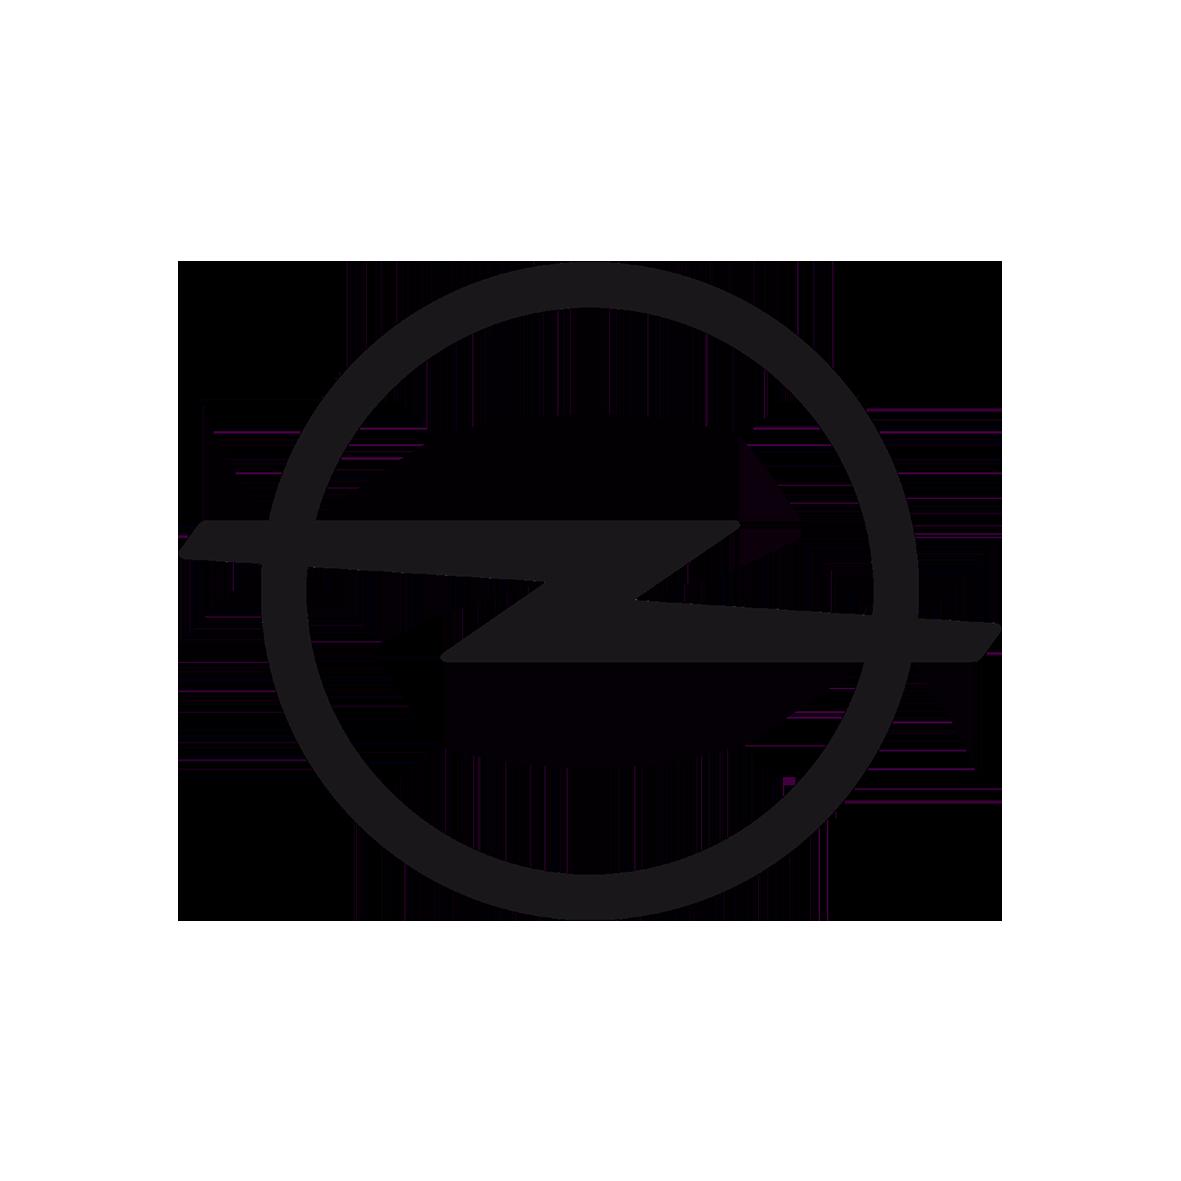 Opel Final CD